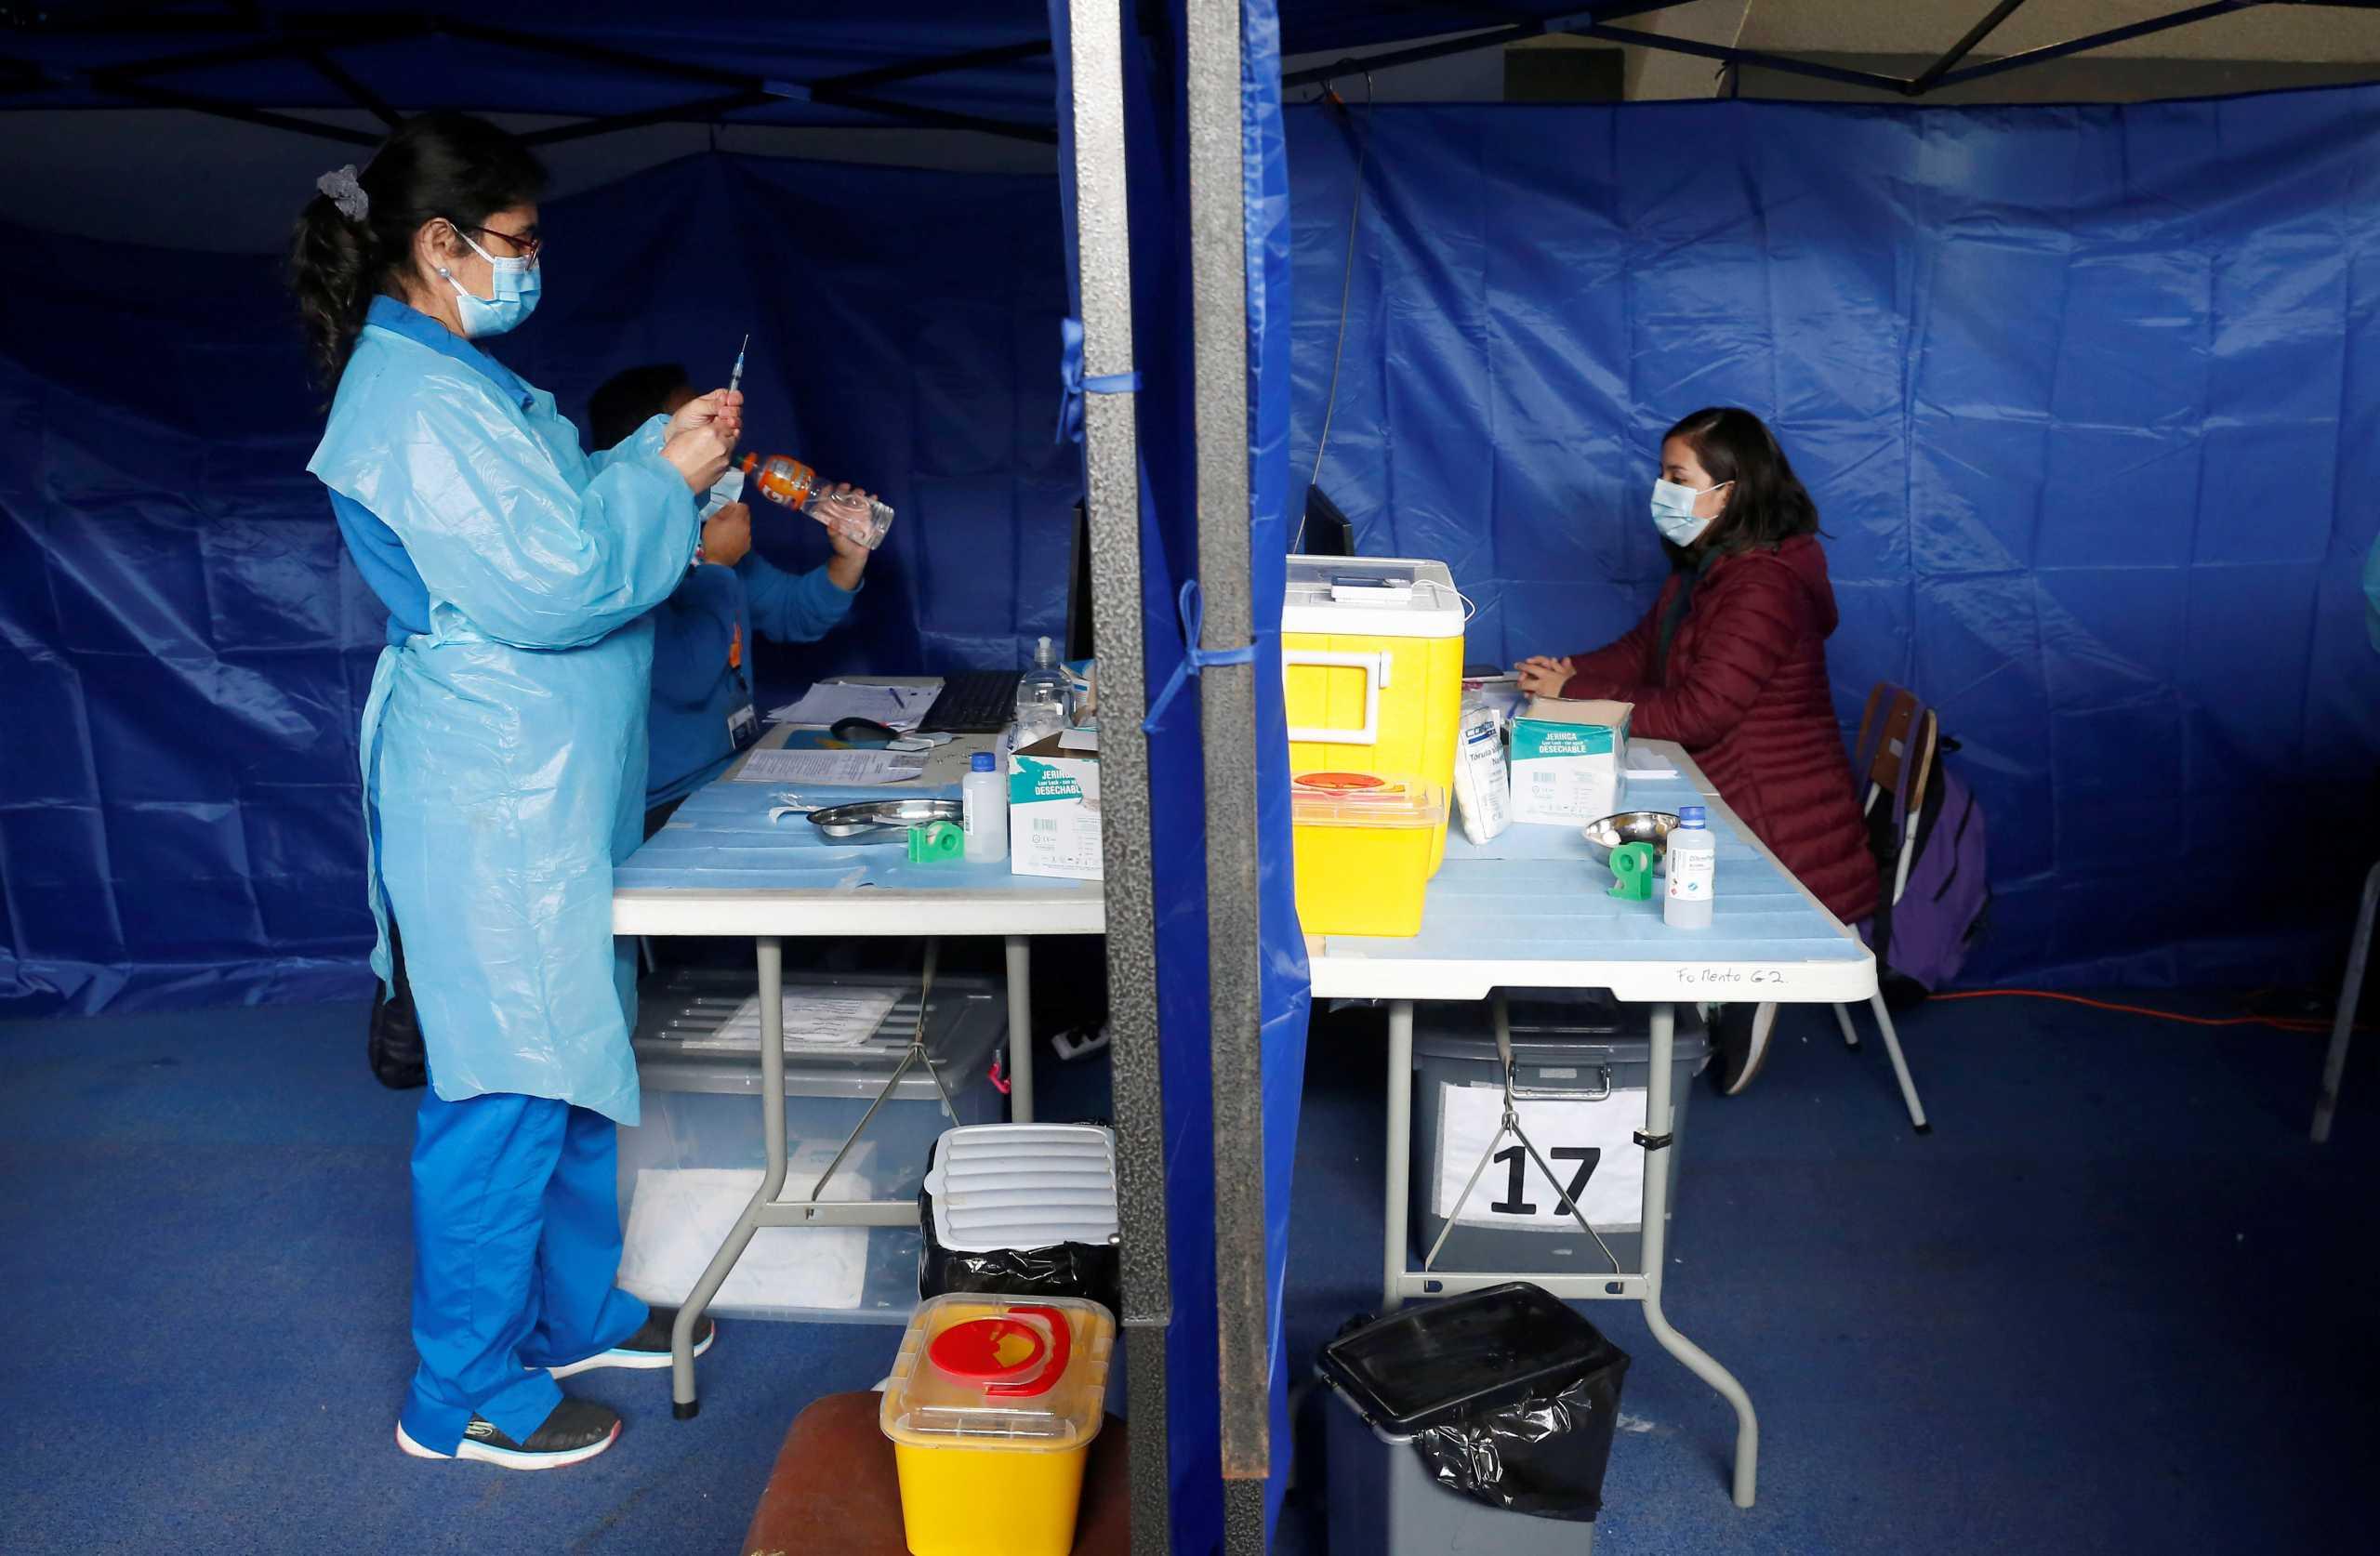 «Τρέχει» ο εμβολιασμός κατά του κορονοϊού στη Χιλή – 6,3 εκατ. έχουν κάνει και τις 2 δόσεις